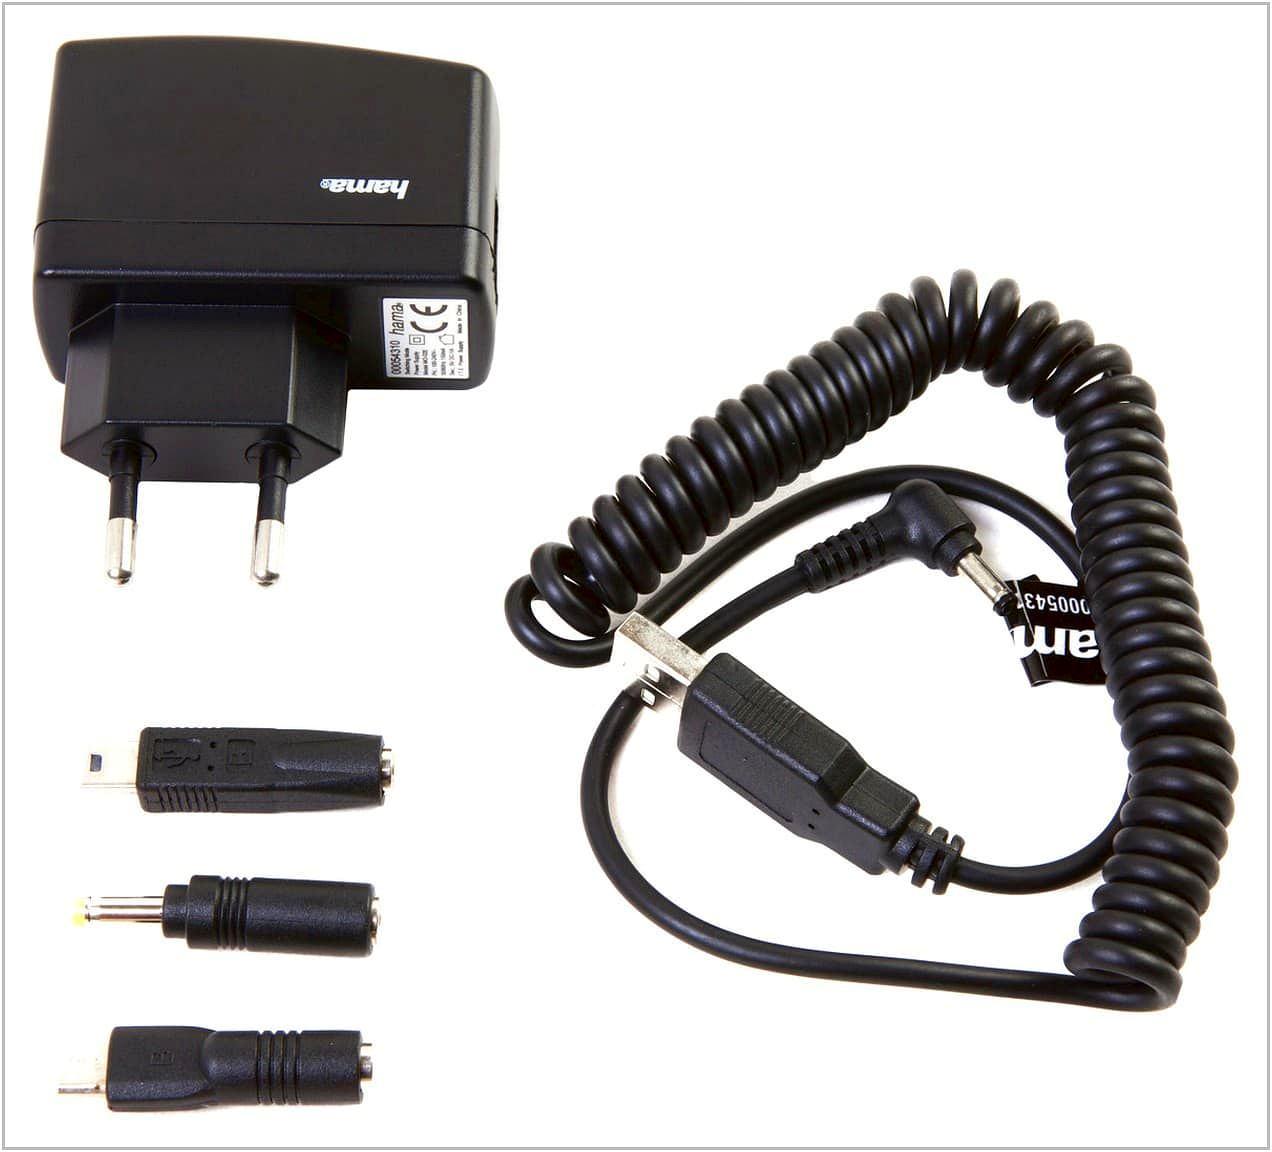 Зарядное устройство для Sony PRS-300 Reader Pocket Edition HAMA H-54310